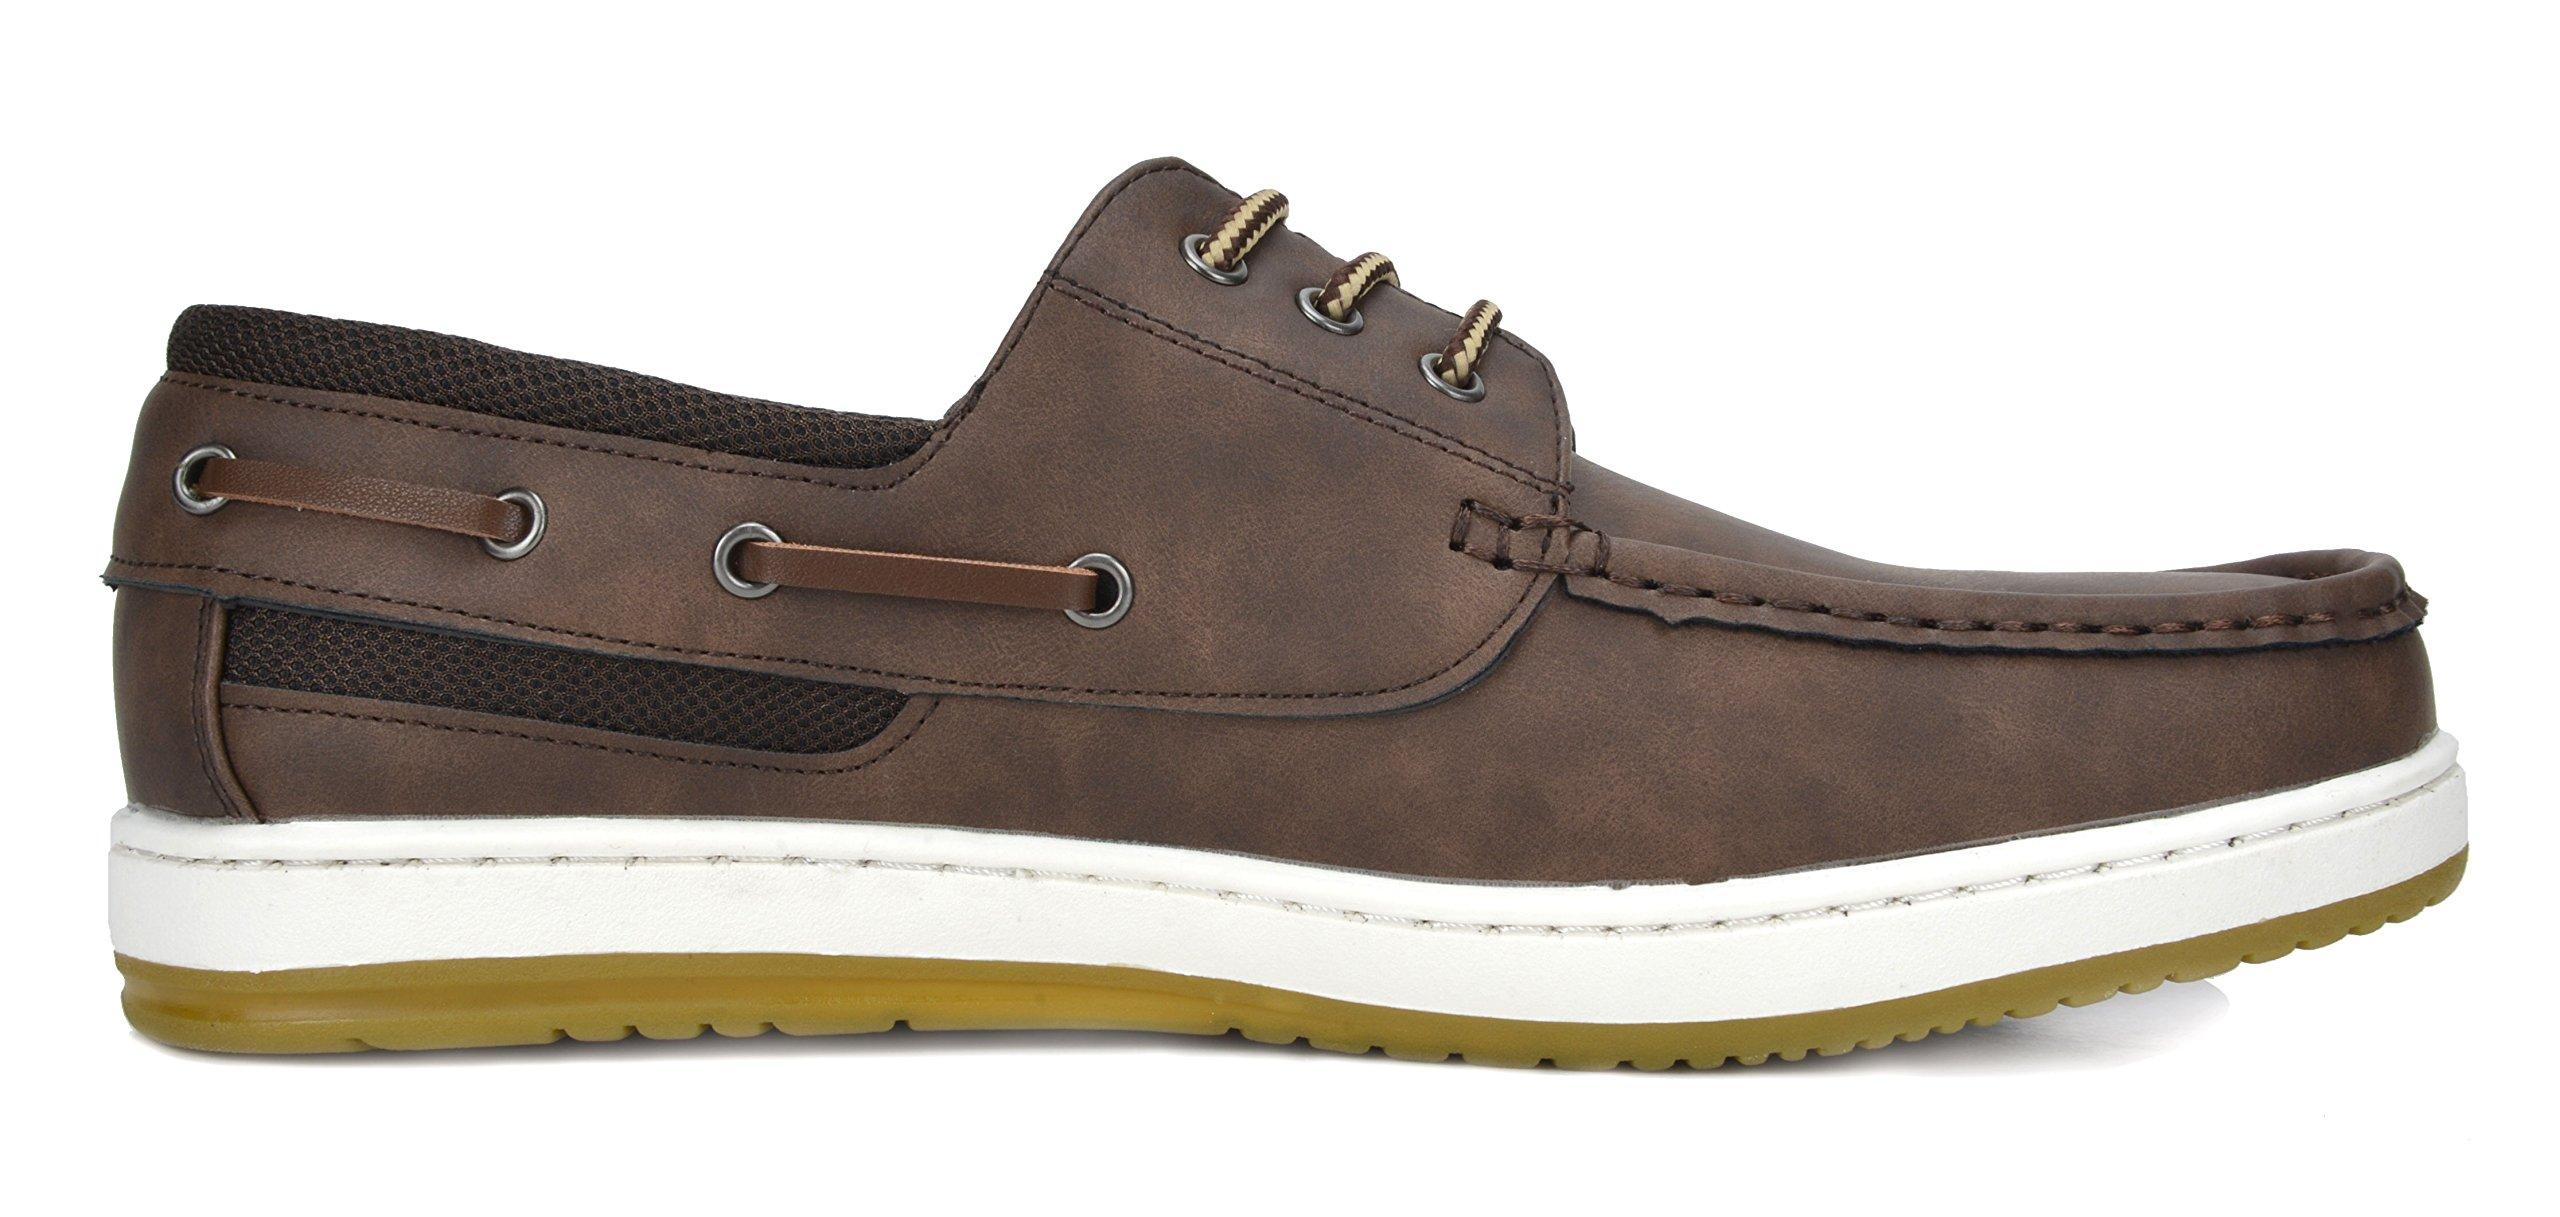 Bruno Marc Men's Pitts_16 DK.BRN/DK.BRN Oxfords Moccasins Boat Shoes Size 11 by Bruno Marc (Image #3)